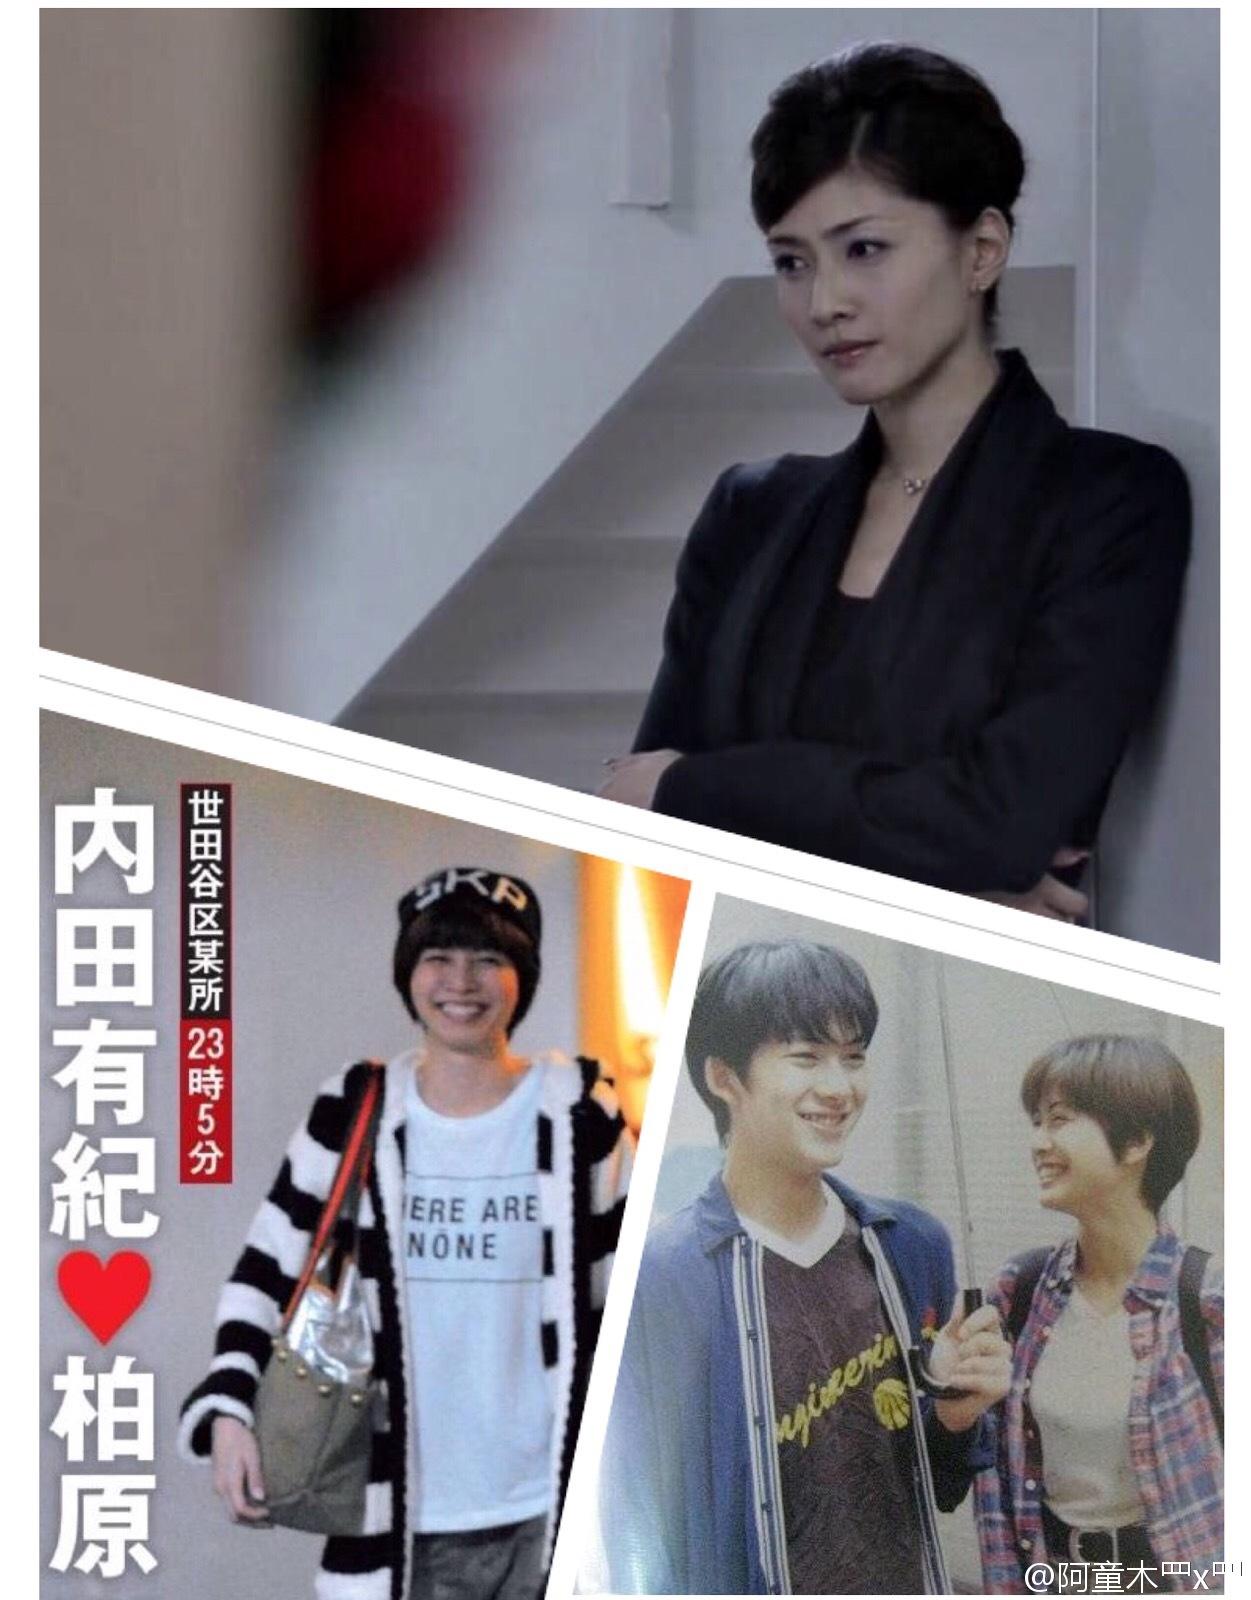 內田有紀中國fanclub 的微博備份  內田有紀 中國fan圖片